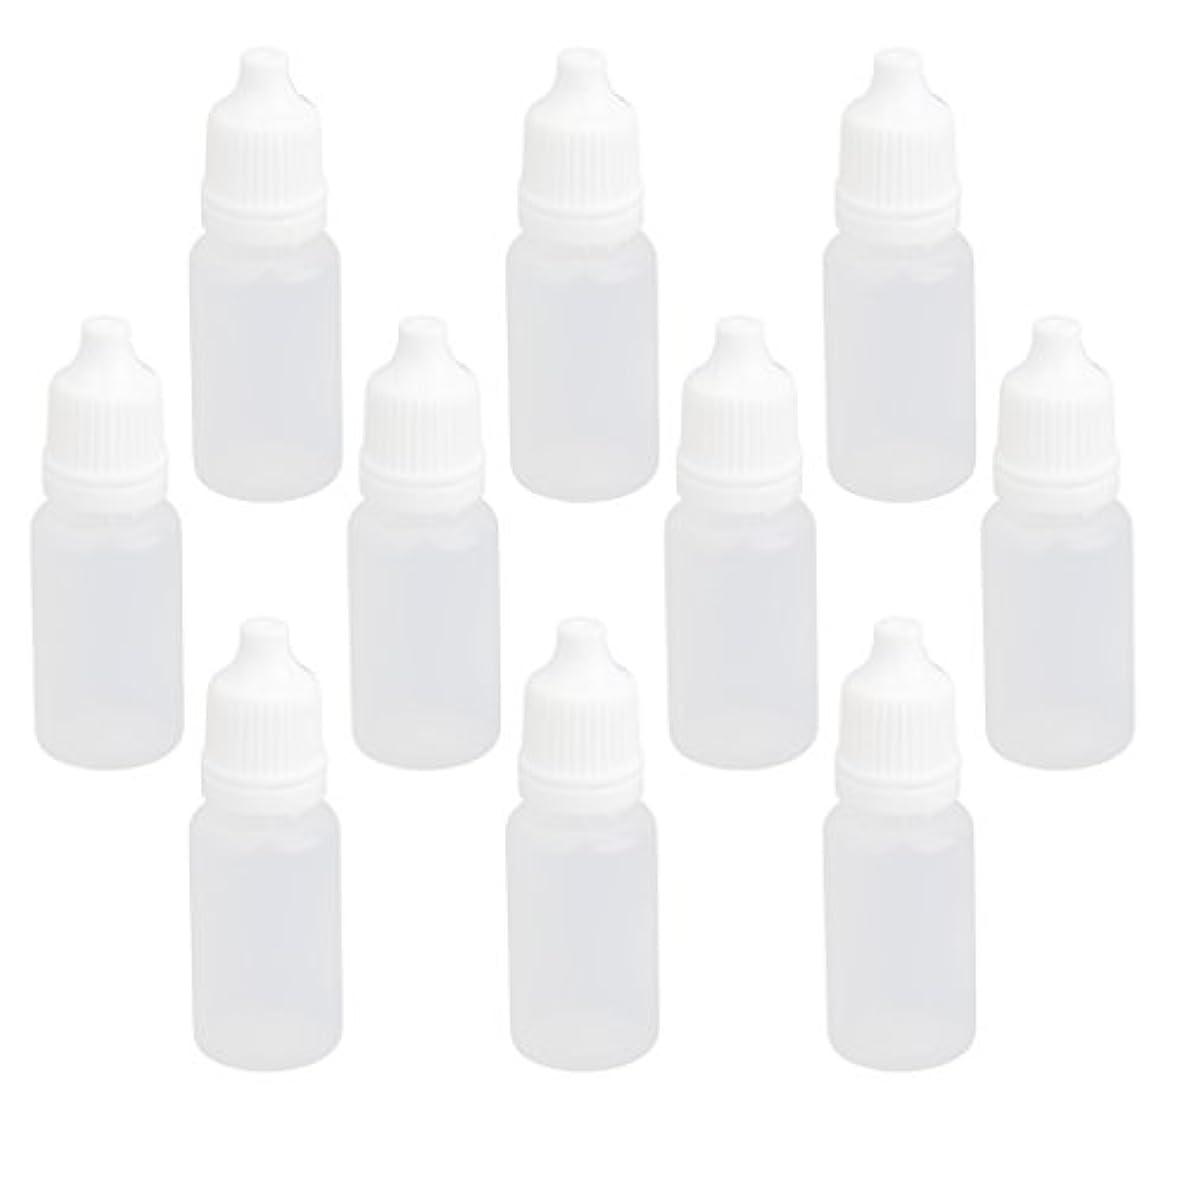 ジャズきゅうりアクセサリー【ノーブランド品】ドロッパーボトル 点眼 液体 貯蔵用 滴瓶 プラスチック製 10個 (10ml)